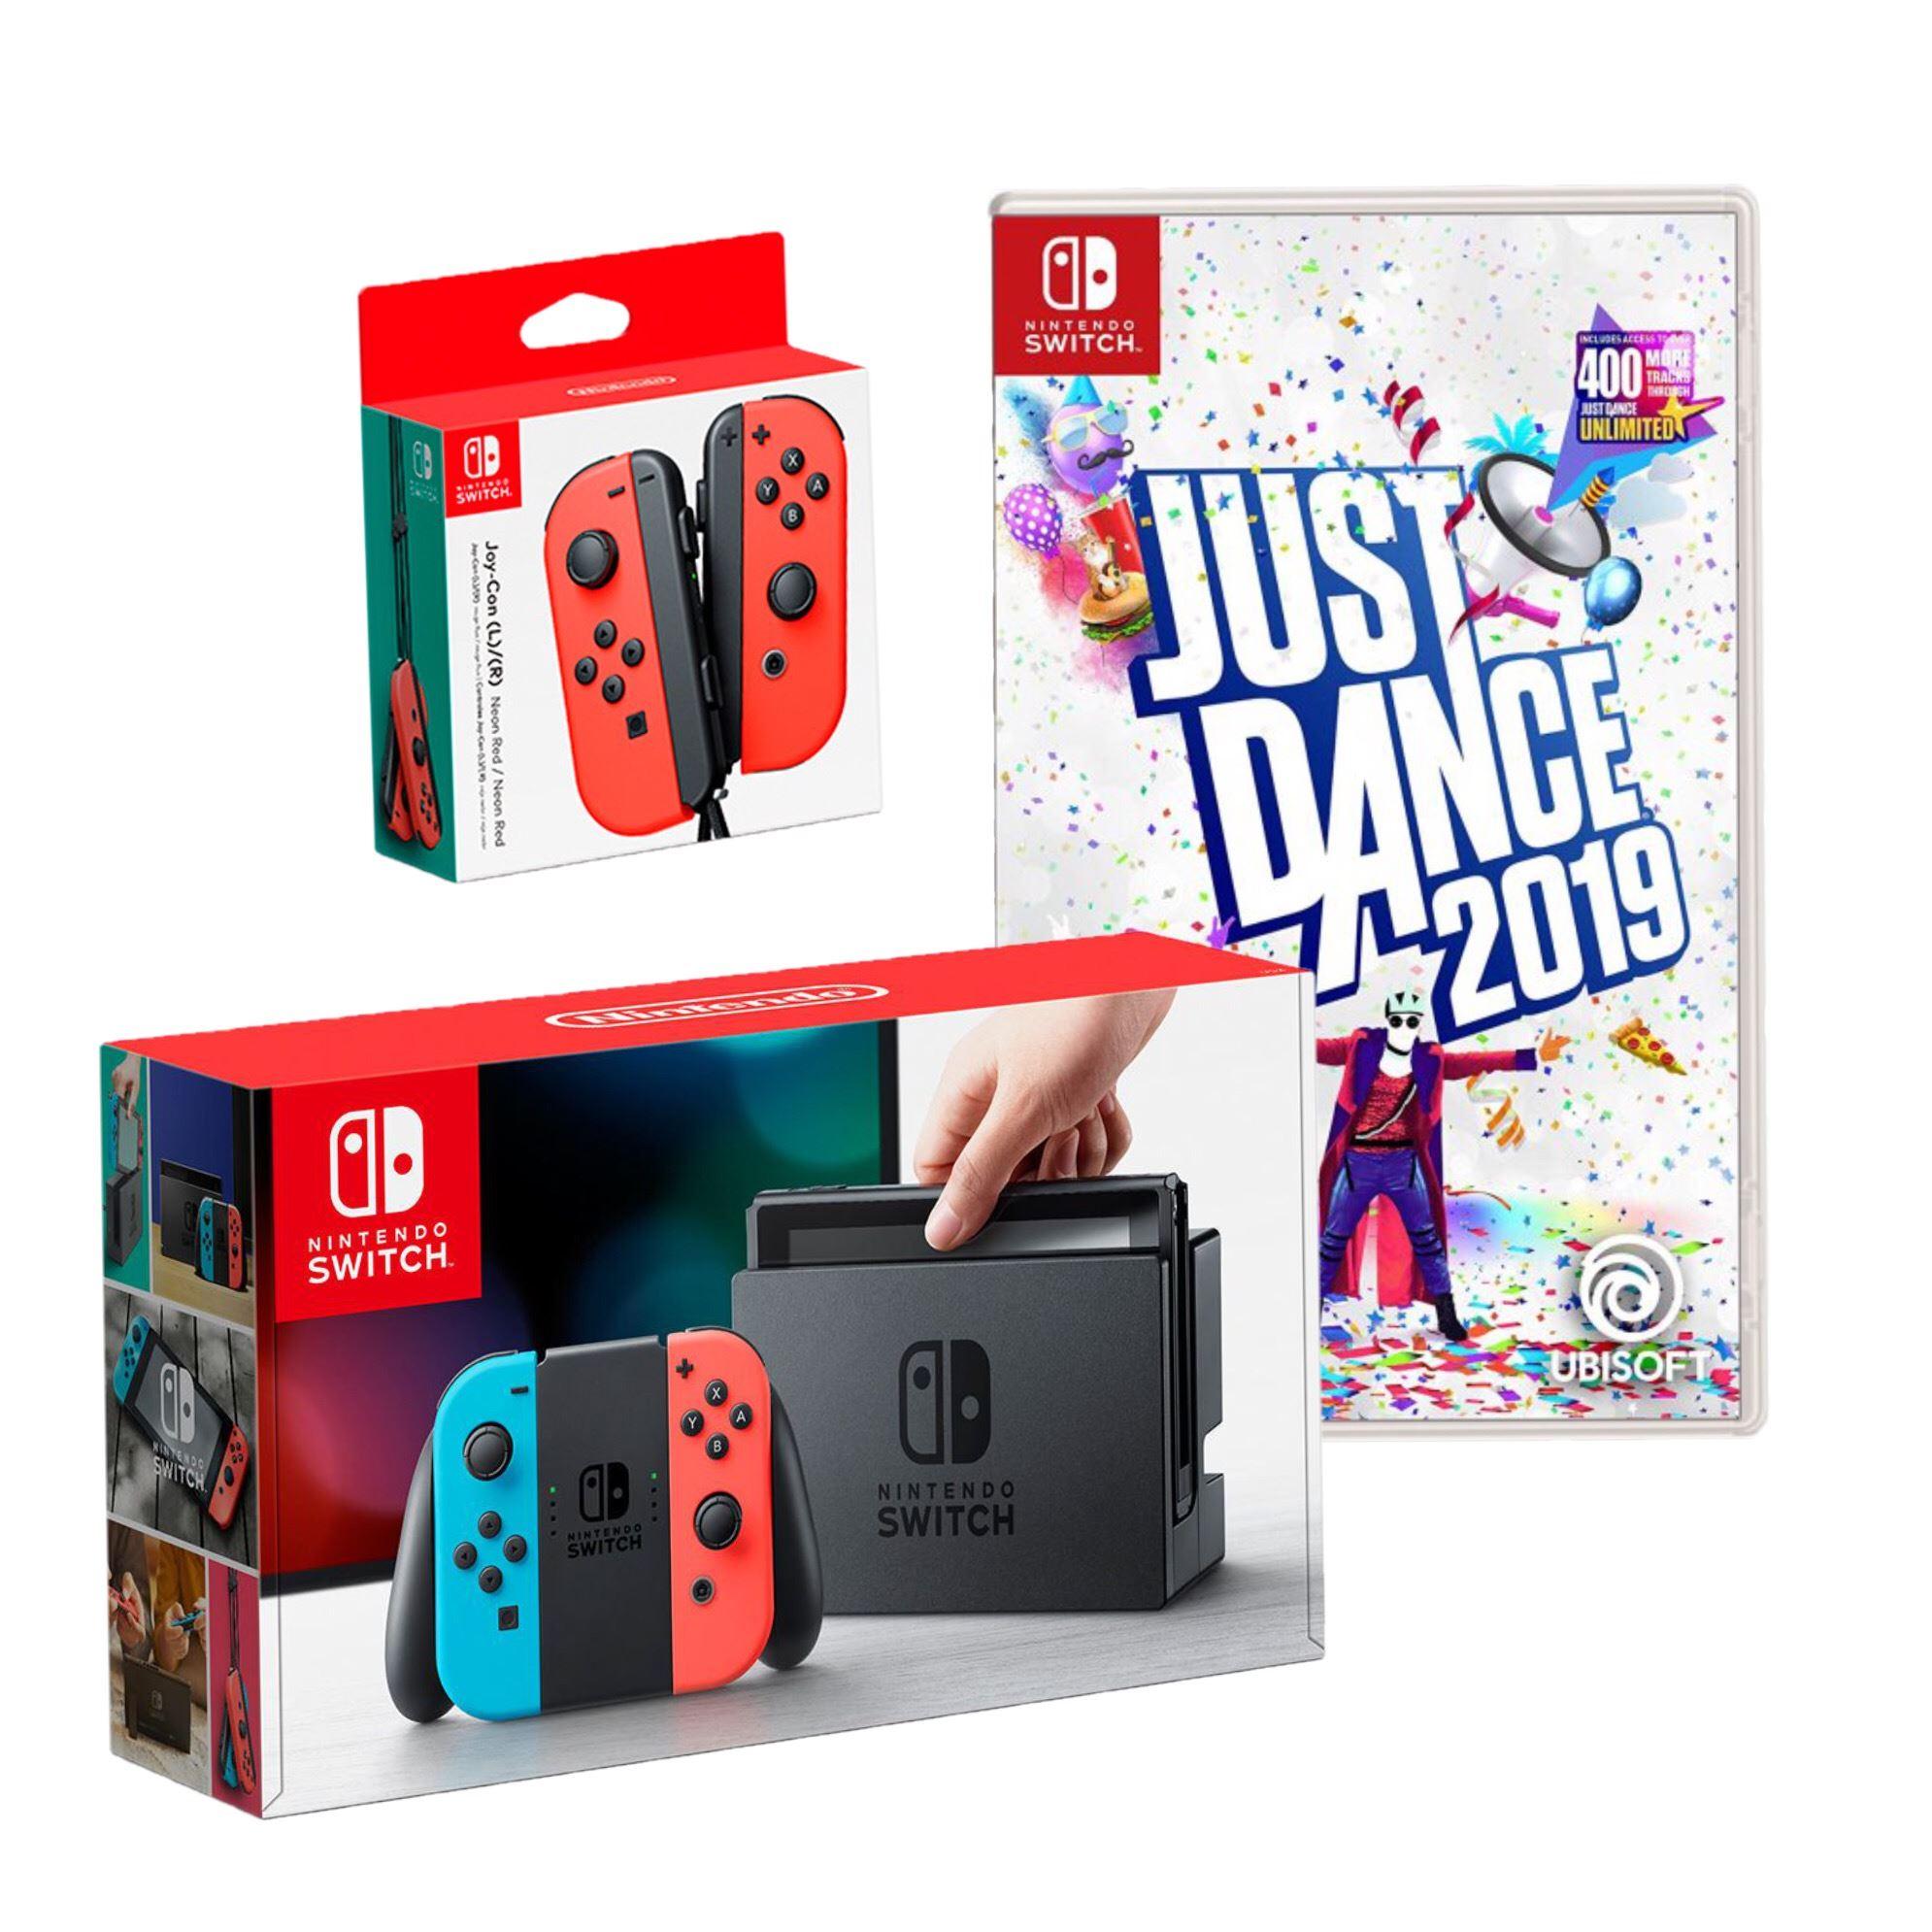 Consola Nintendo Switch Just Dance 2019 Joy Con Rojo Juntoz Com